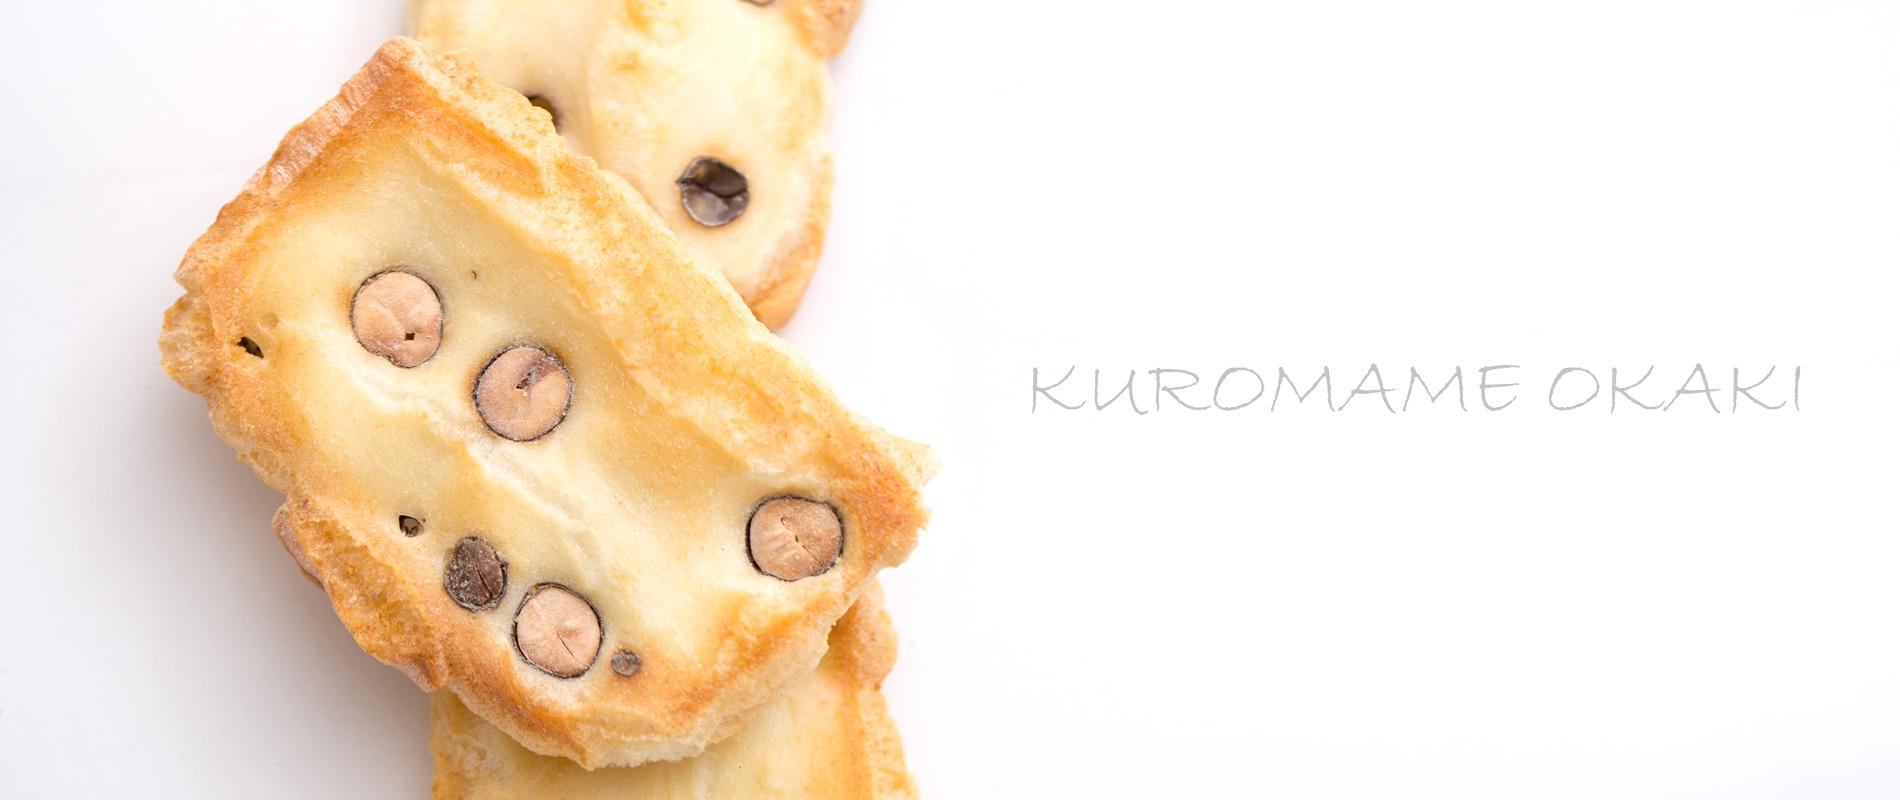 最高級品種丹波黒指定丹波篠山産の黒大豆おかきのご紹介